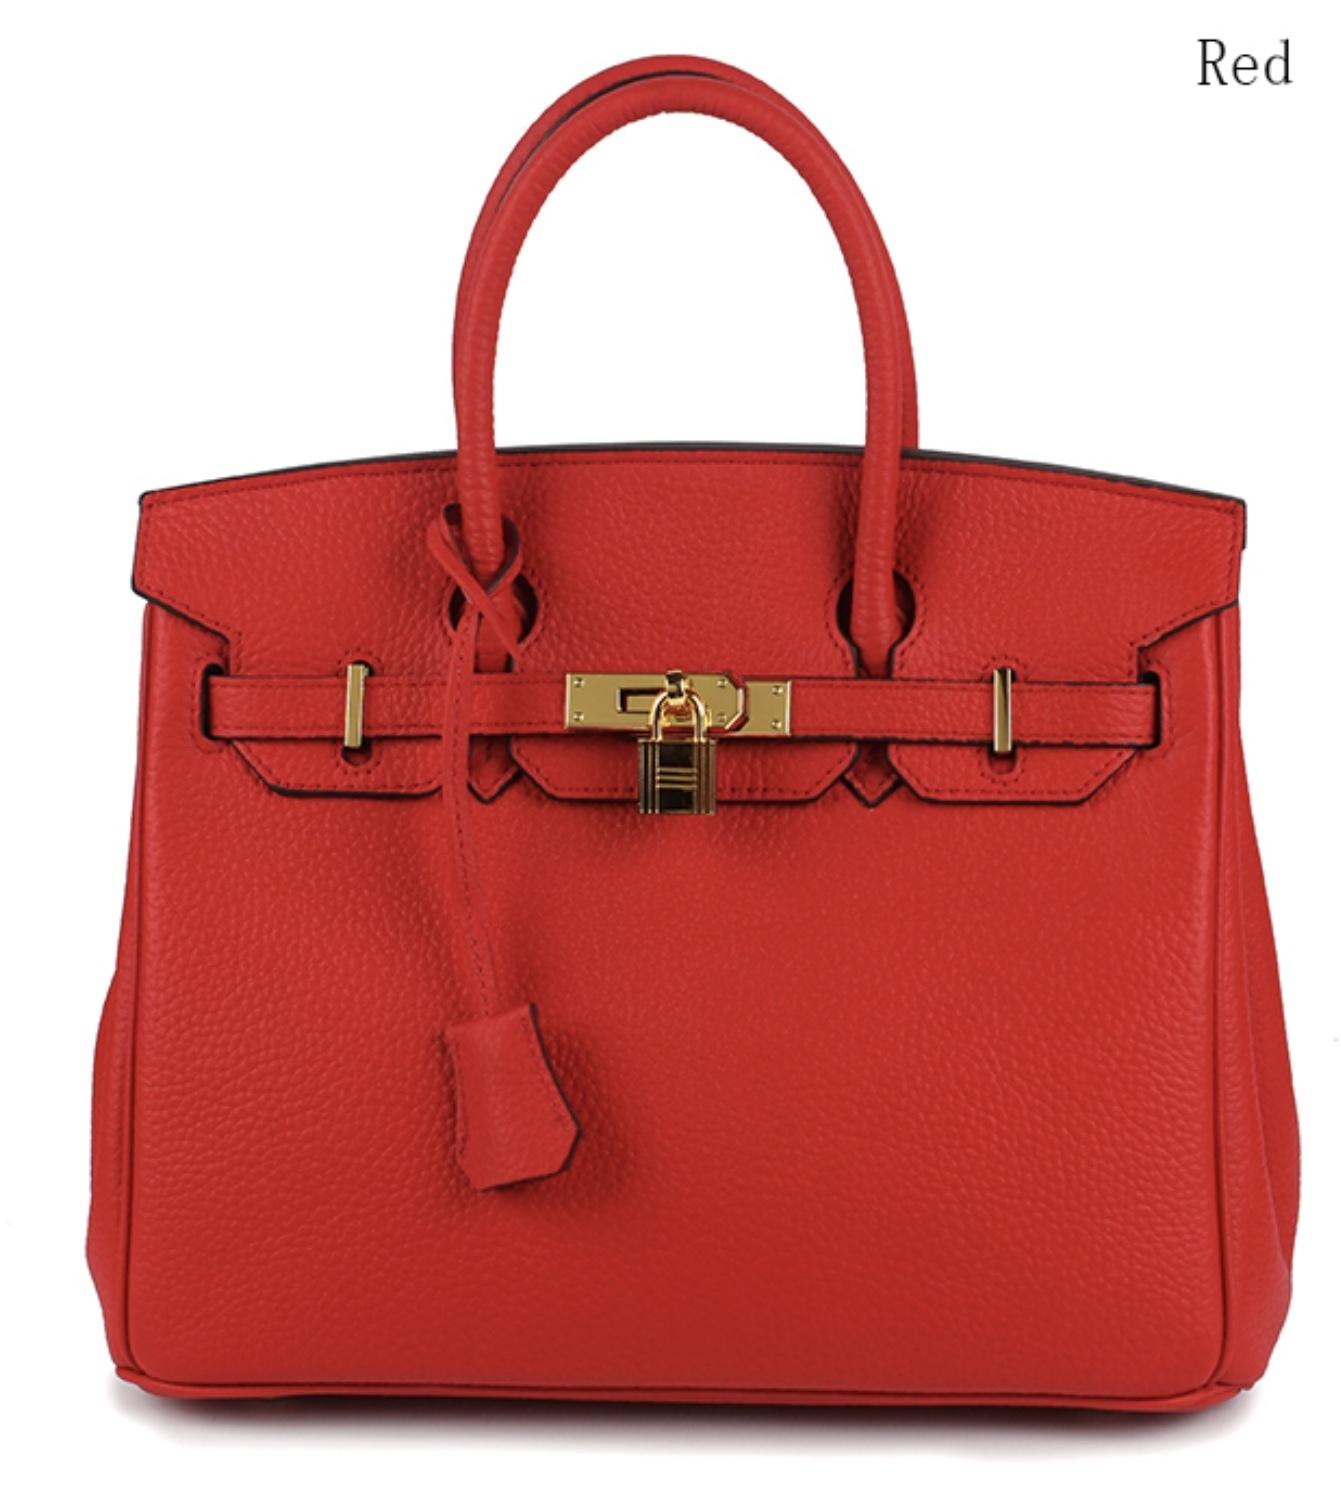 New 35cm Pebbled Leather Birkin Style Handbag Shoulder Bag Satchel Purse 1946L